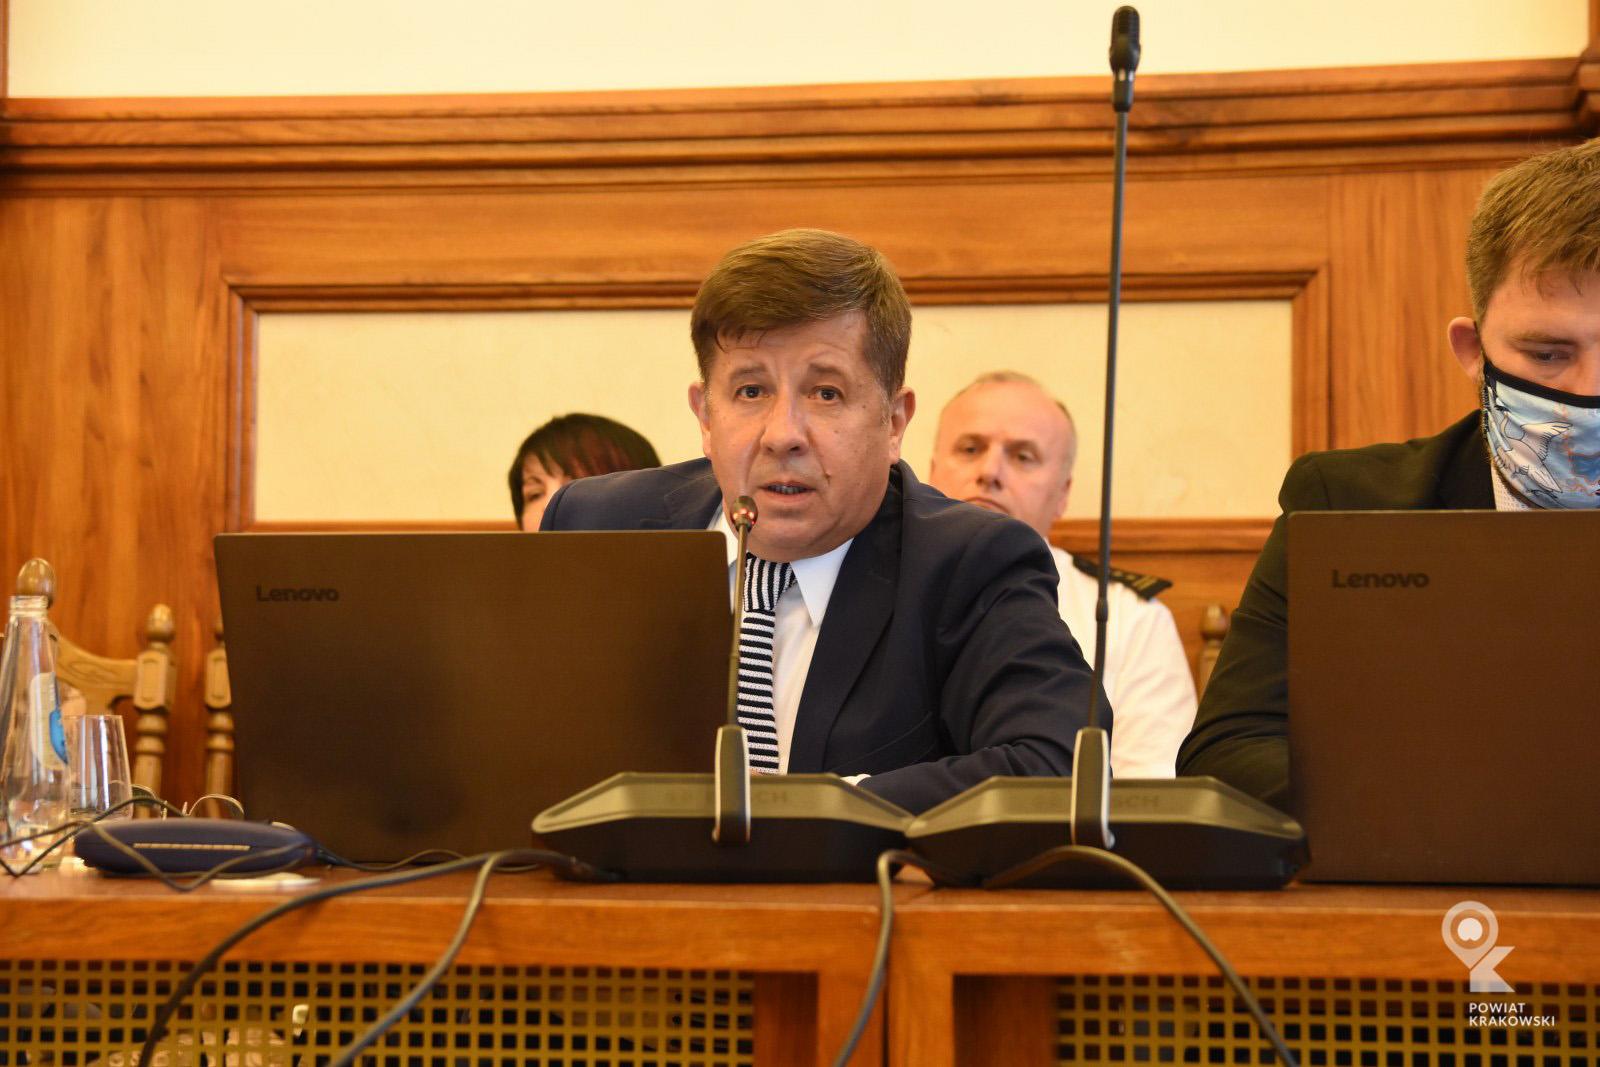 Radny Marian Janicki siedzi za stołem, patrzy w obiektyw, przemawia. Przed nim otwarty laptop